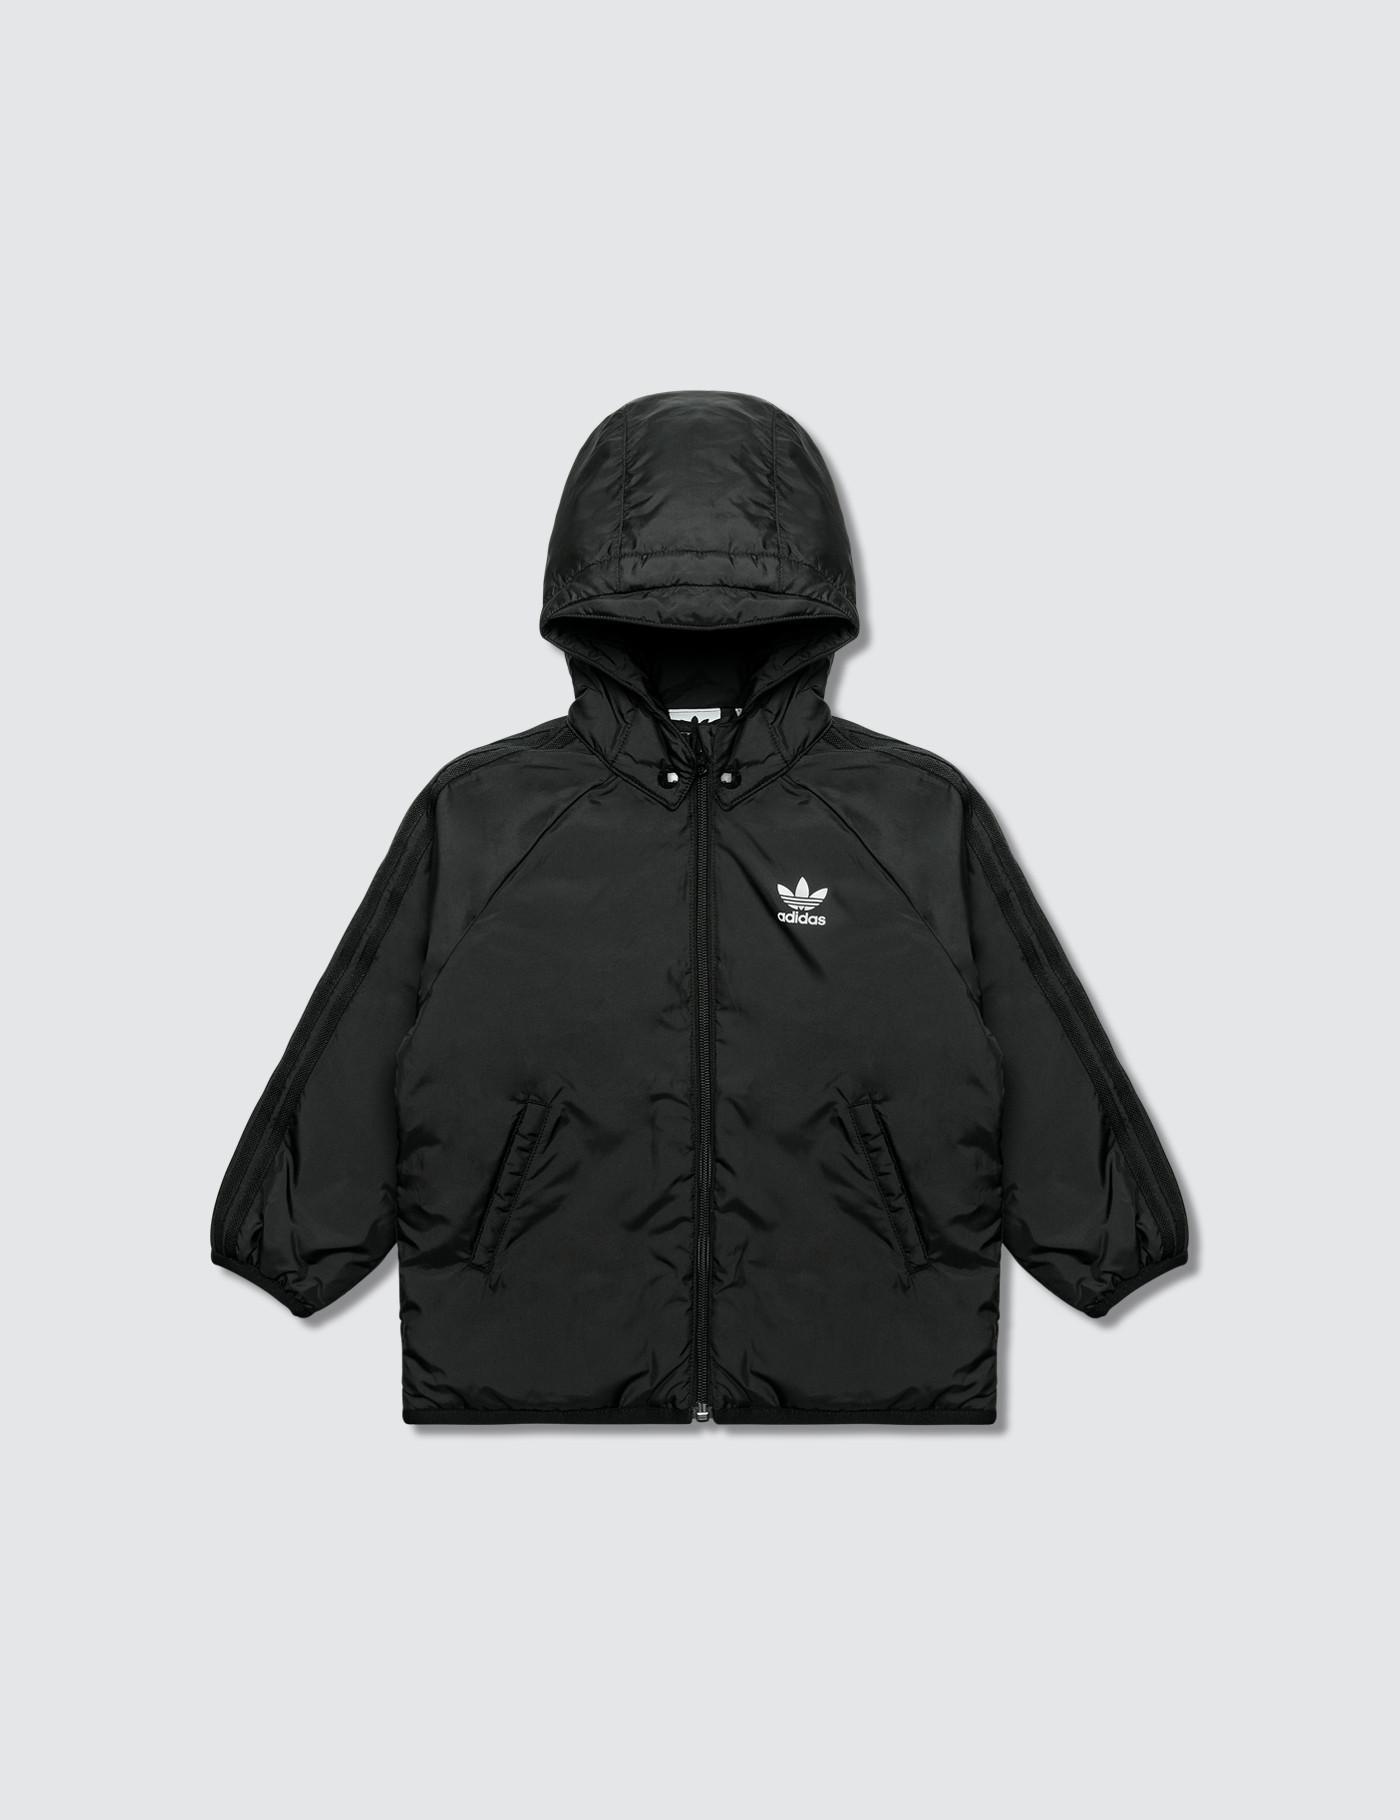 afc54ec3ff51 Adidas Originals Trefoil Jacket in Black for Men - Lyst